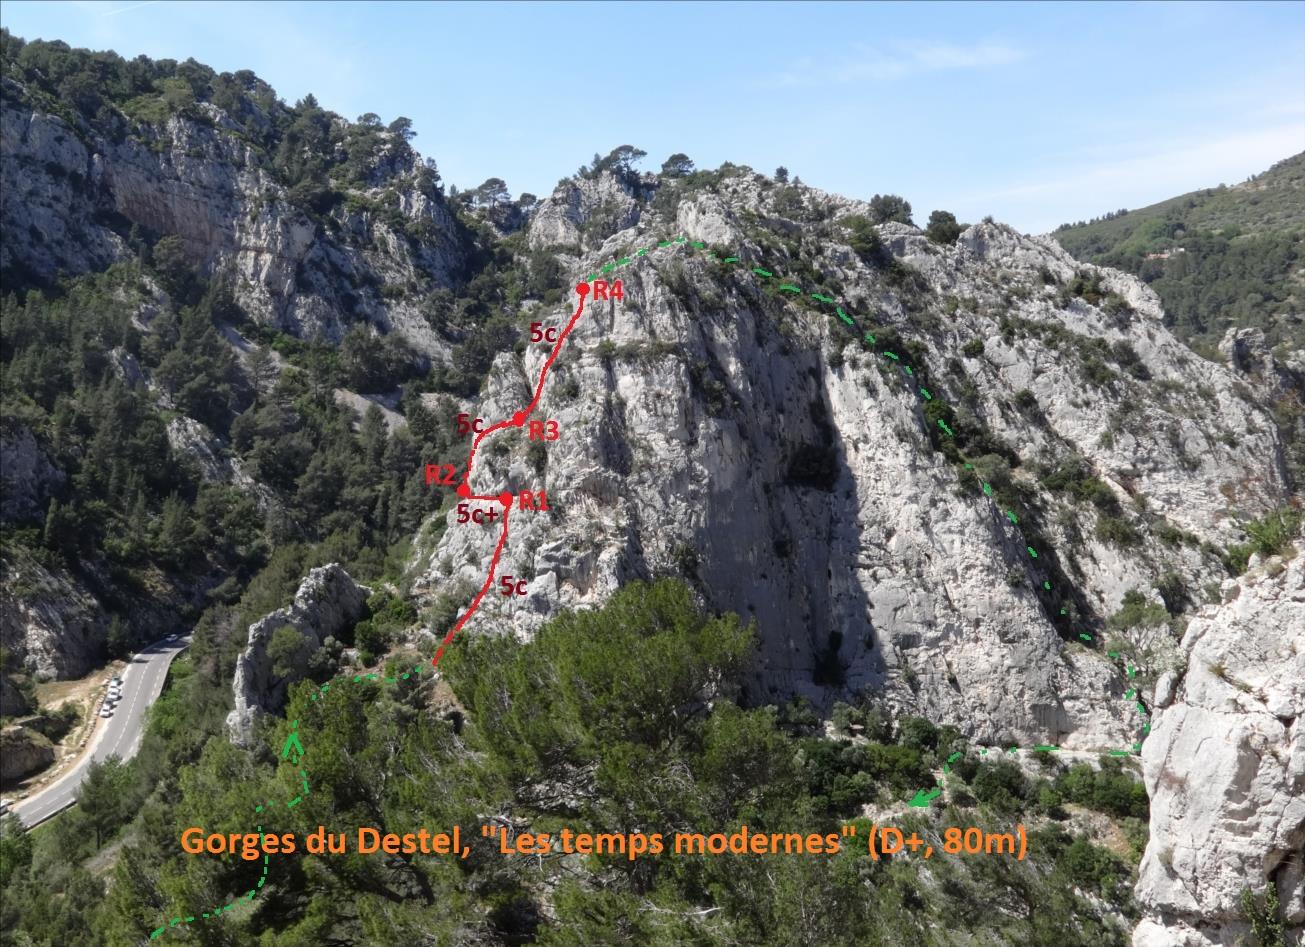 Voie Les termps modernes, Gorges du Destel, Provence